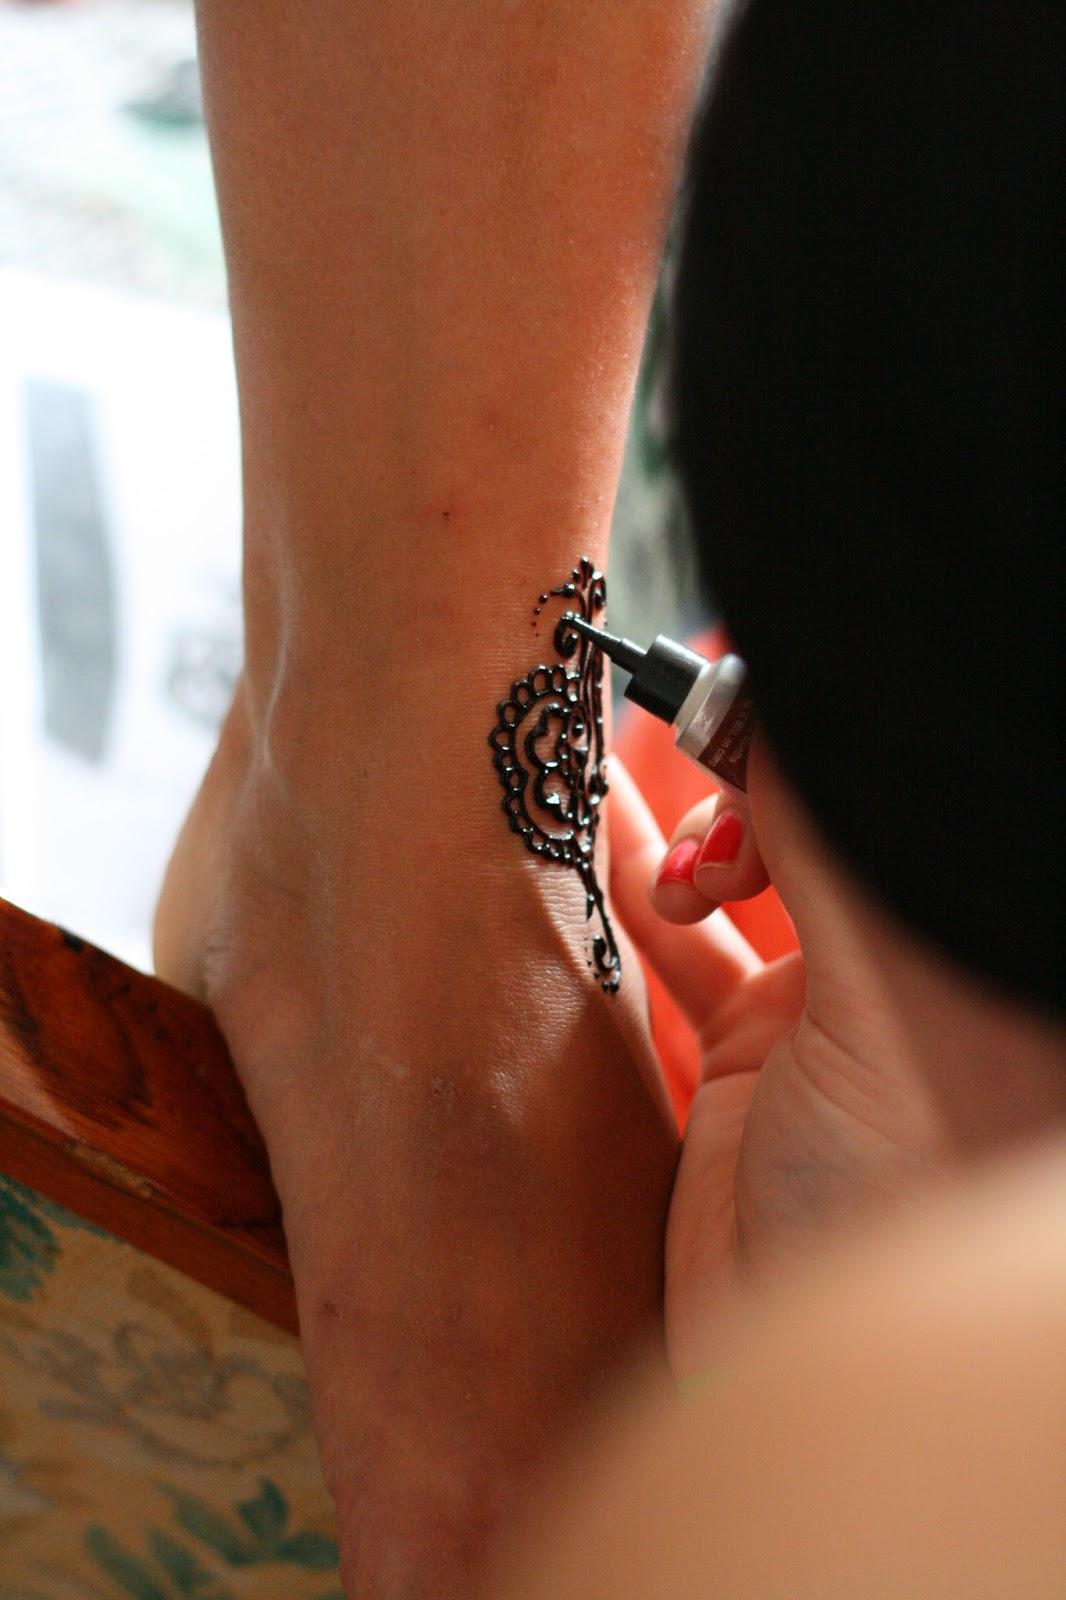 ТАТУИРОВКИ ДЛЯ ДЕВУШЕК Эскизы татуировок Tattoo  - эскизы тату на ноге женские